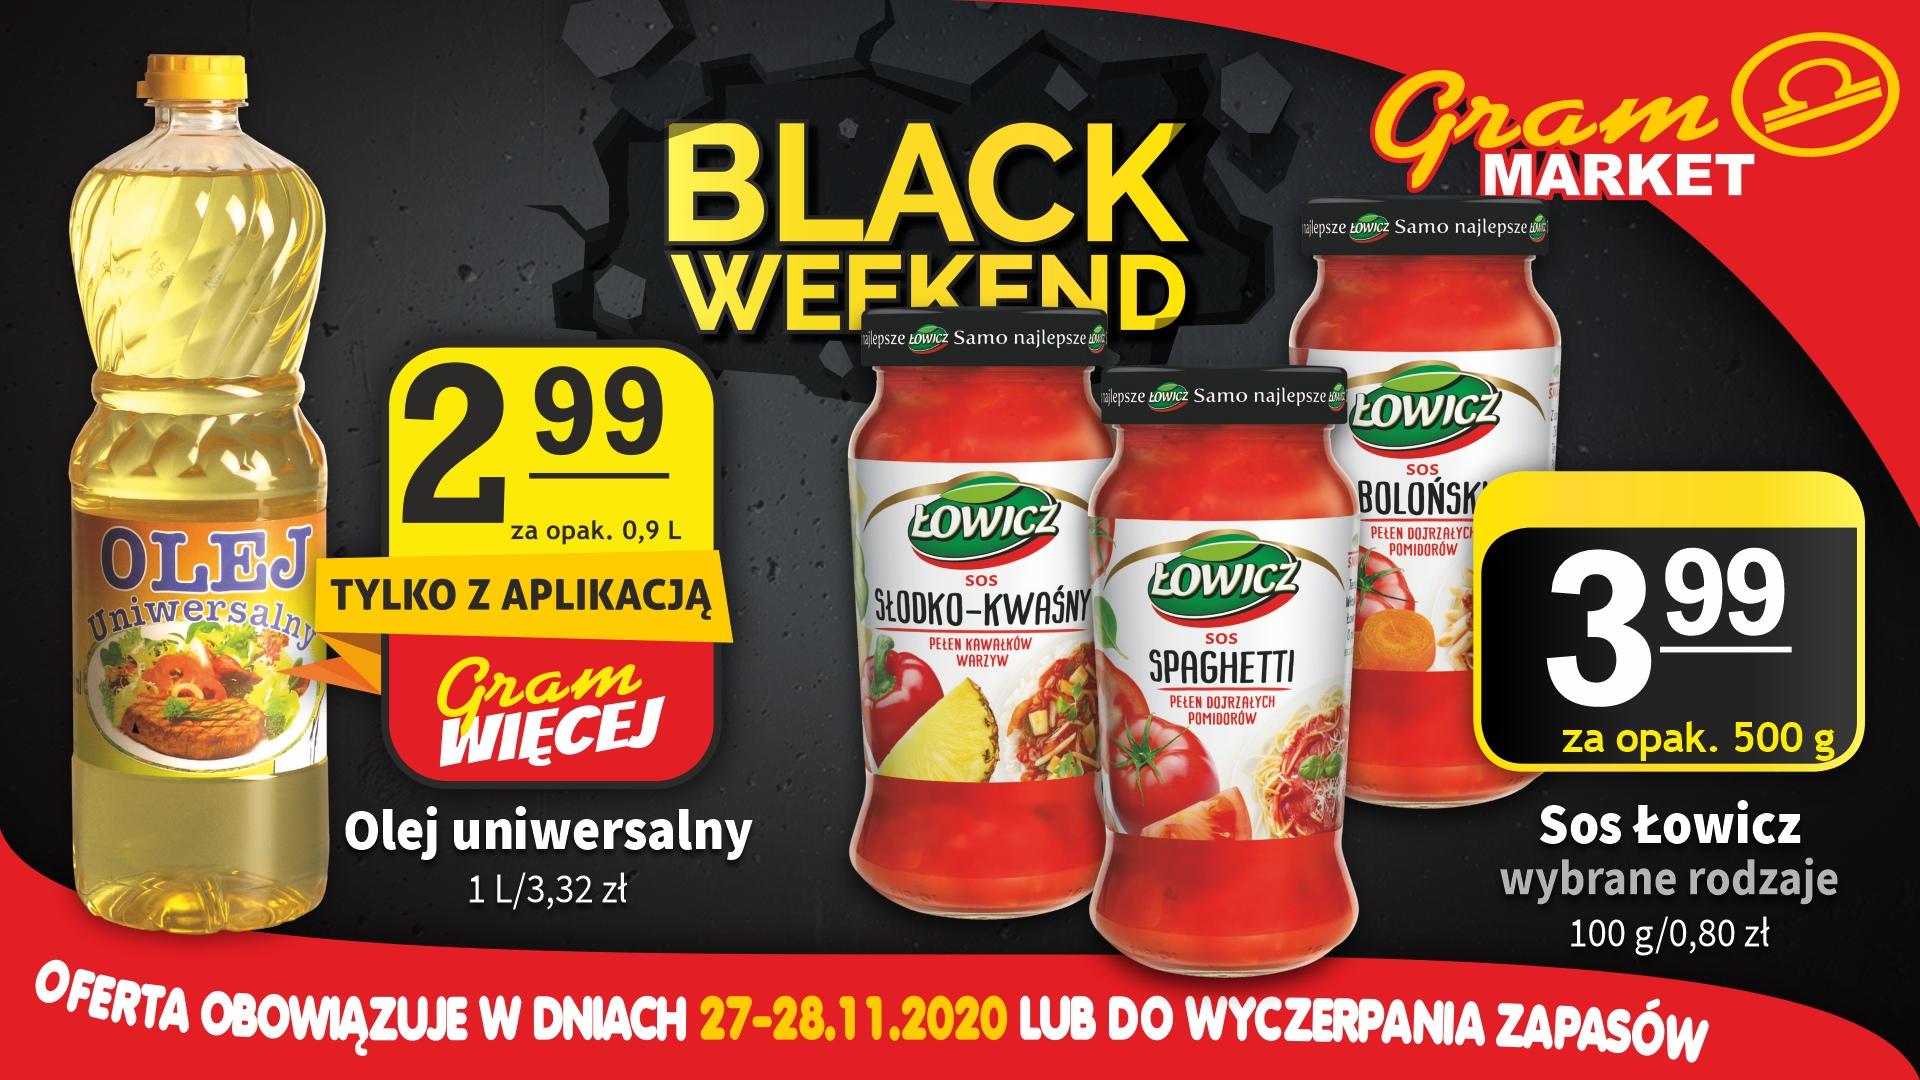 BLACK_WEEKEND-27-28.11.2020-5